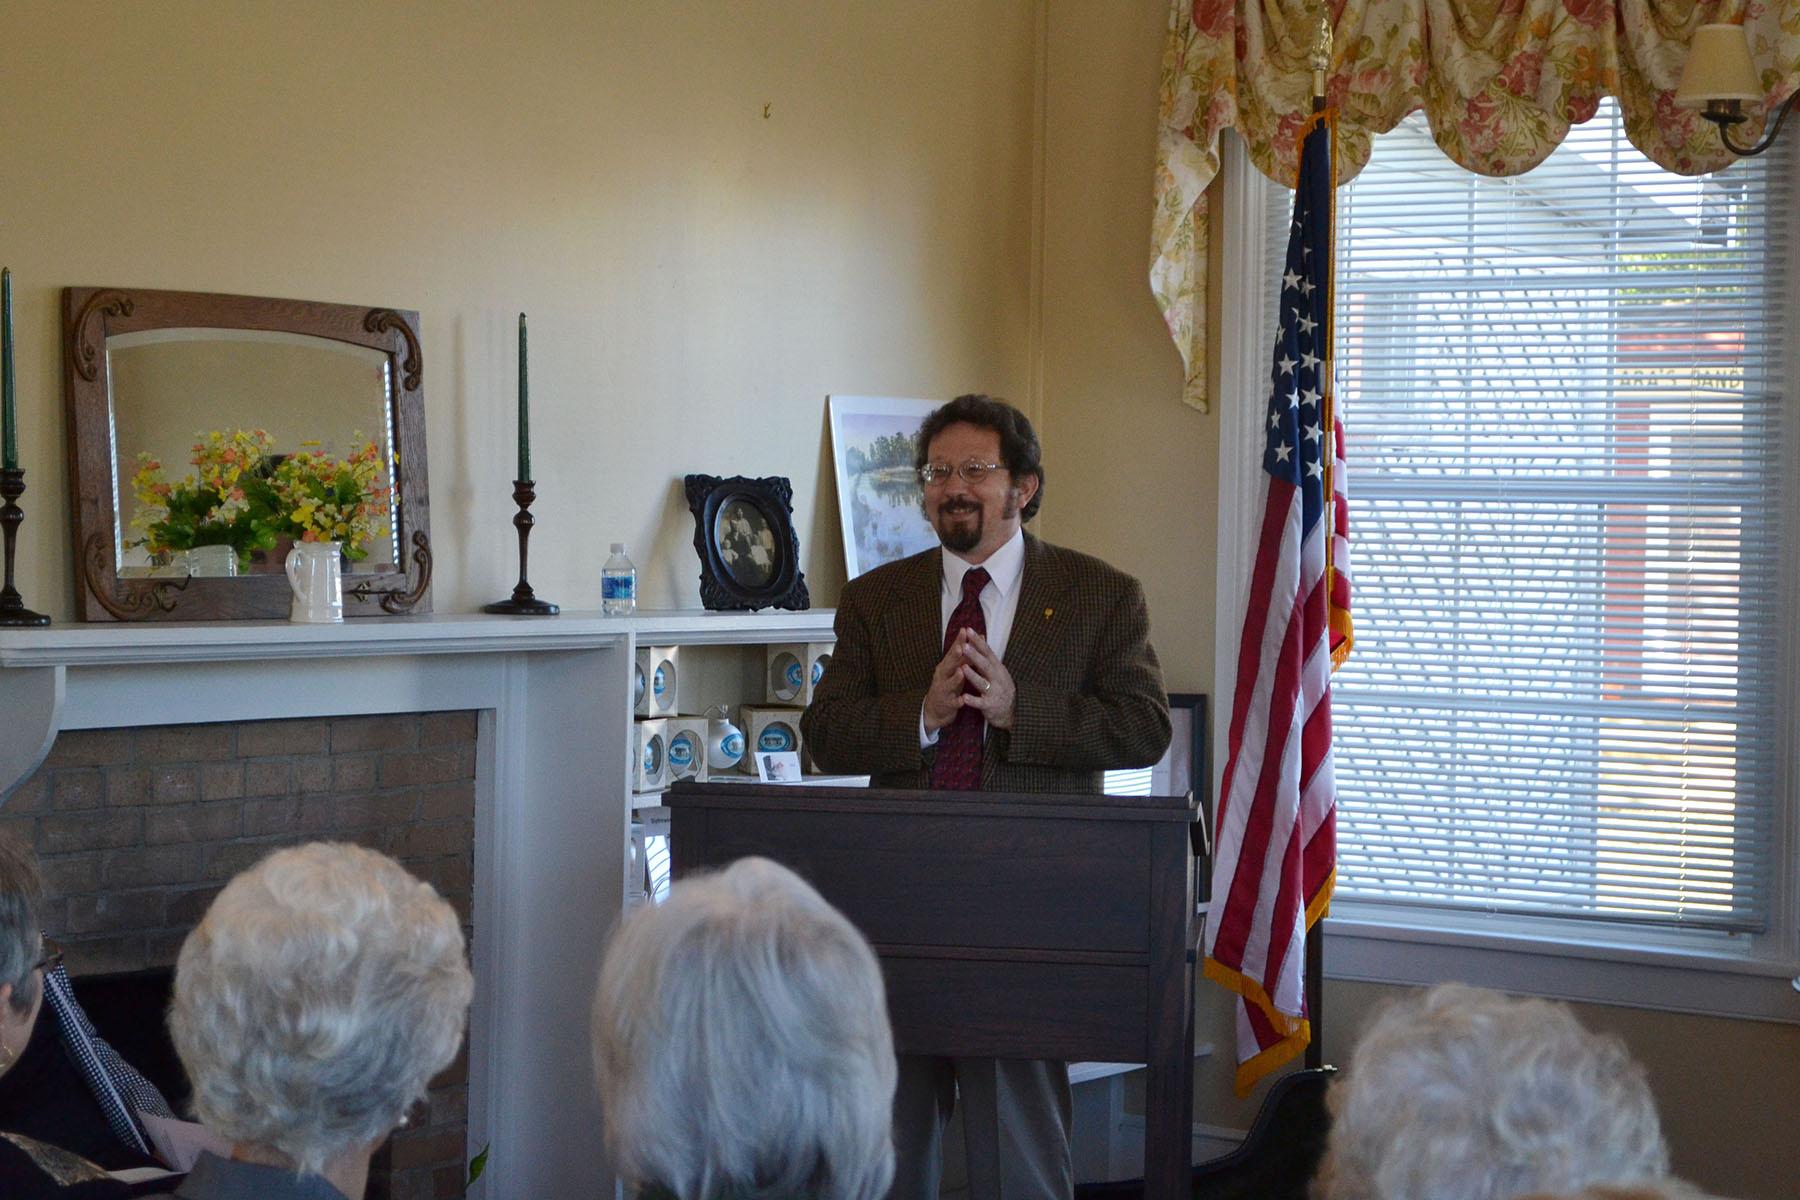 Wade Dorsey speaks at dedications of Dairy House Nov. 2nd 2014.  Photo by Jim McLean.